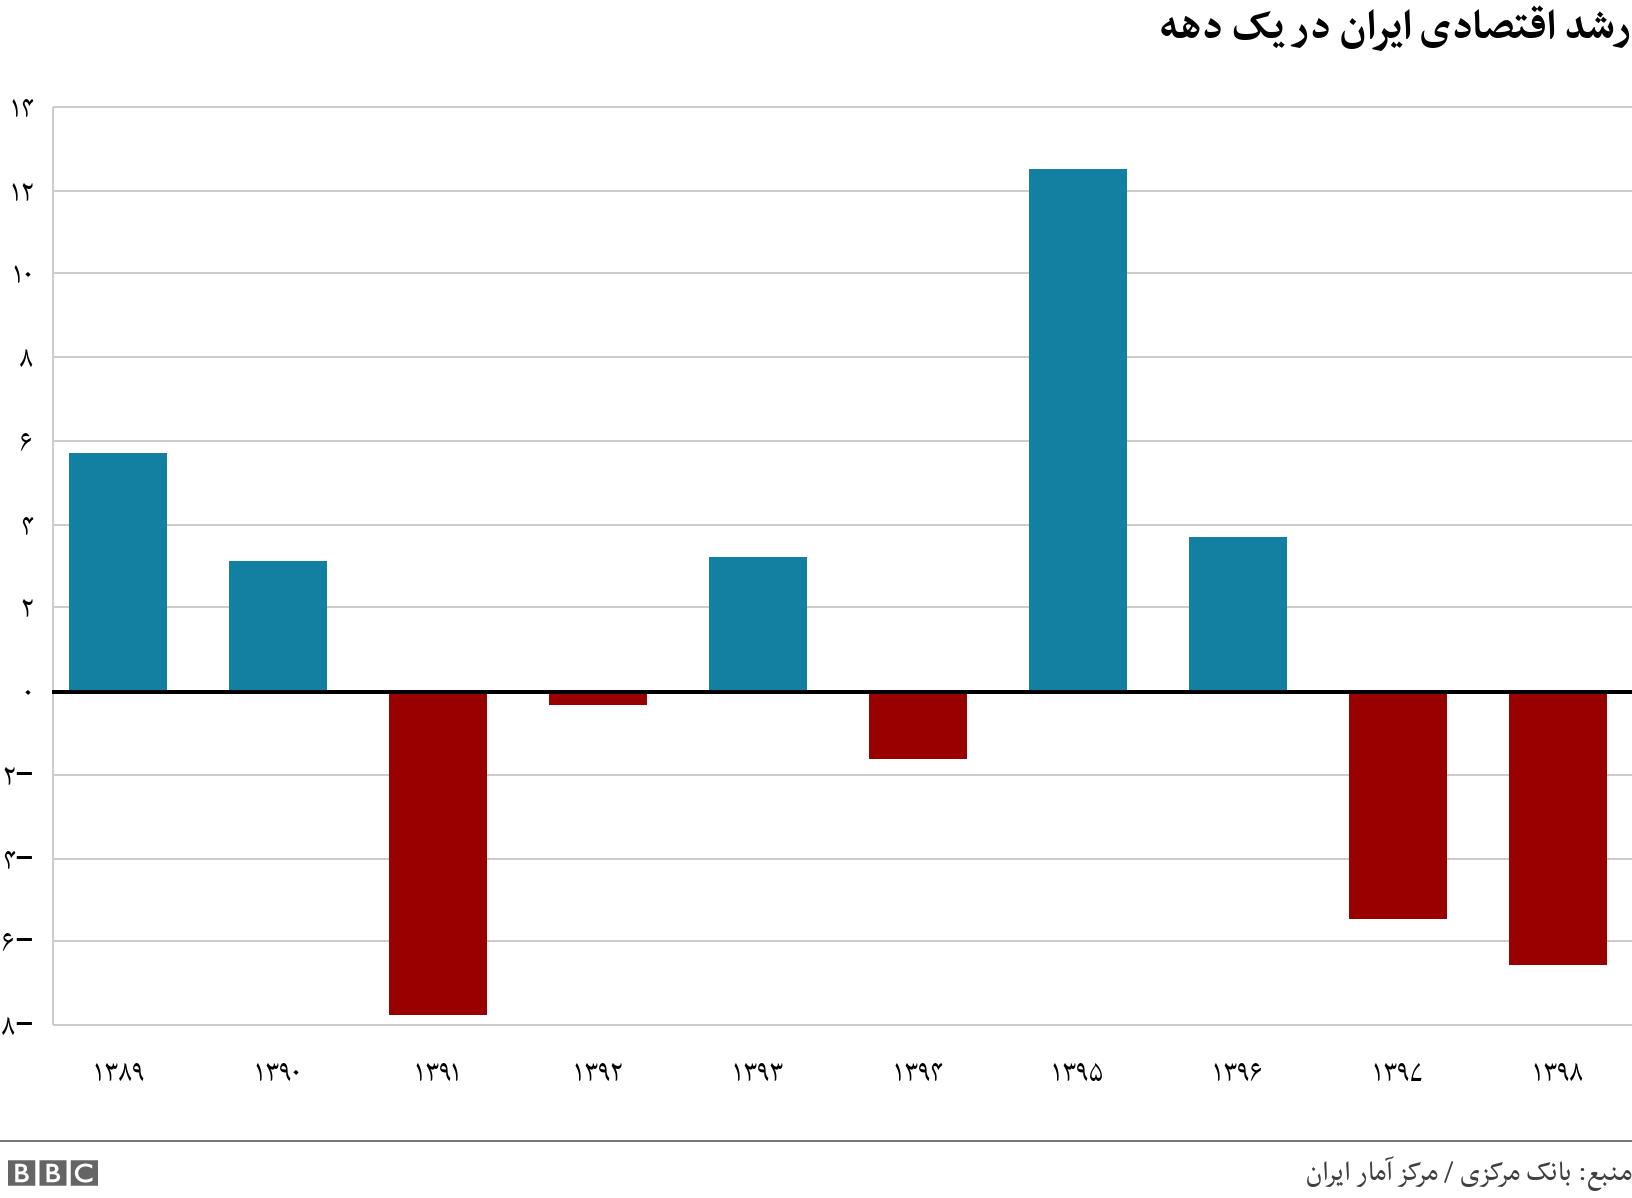 رشد اقتصادی ایران در یک دهه. .  .